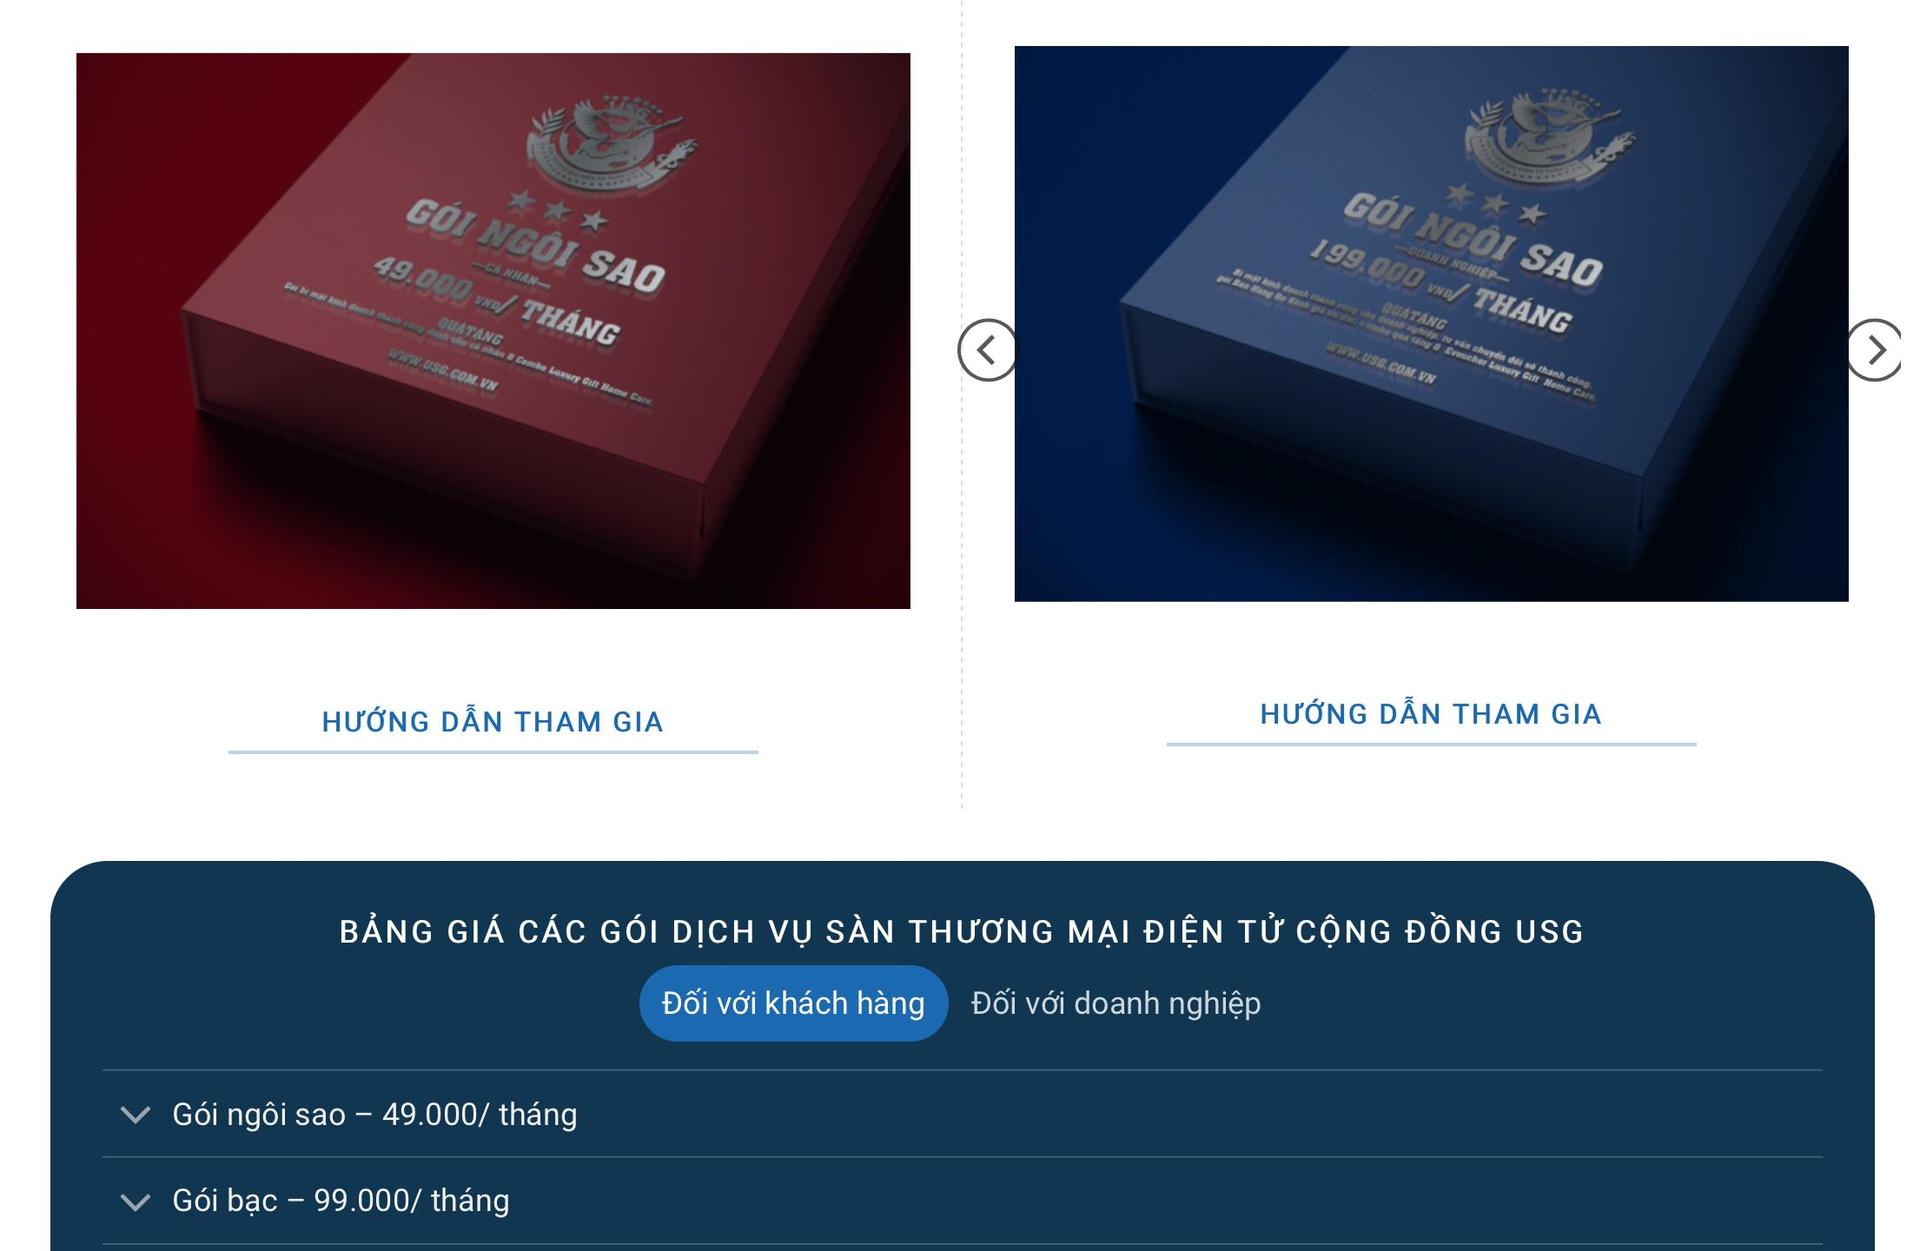 Chủ doanh nghiệp 500.000 tỷ đồng lập website, 'nổ' tưng bừng về sản phẩm mới - 2